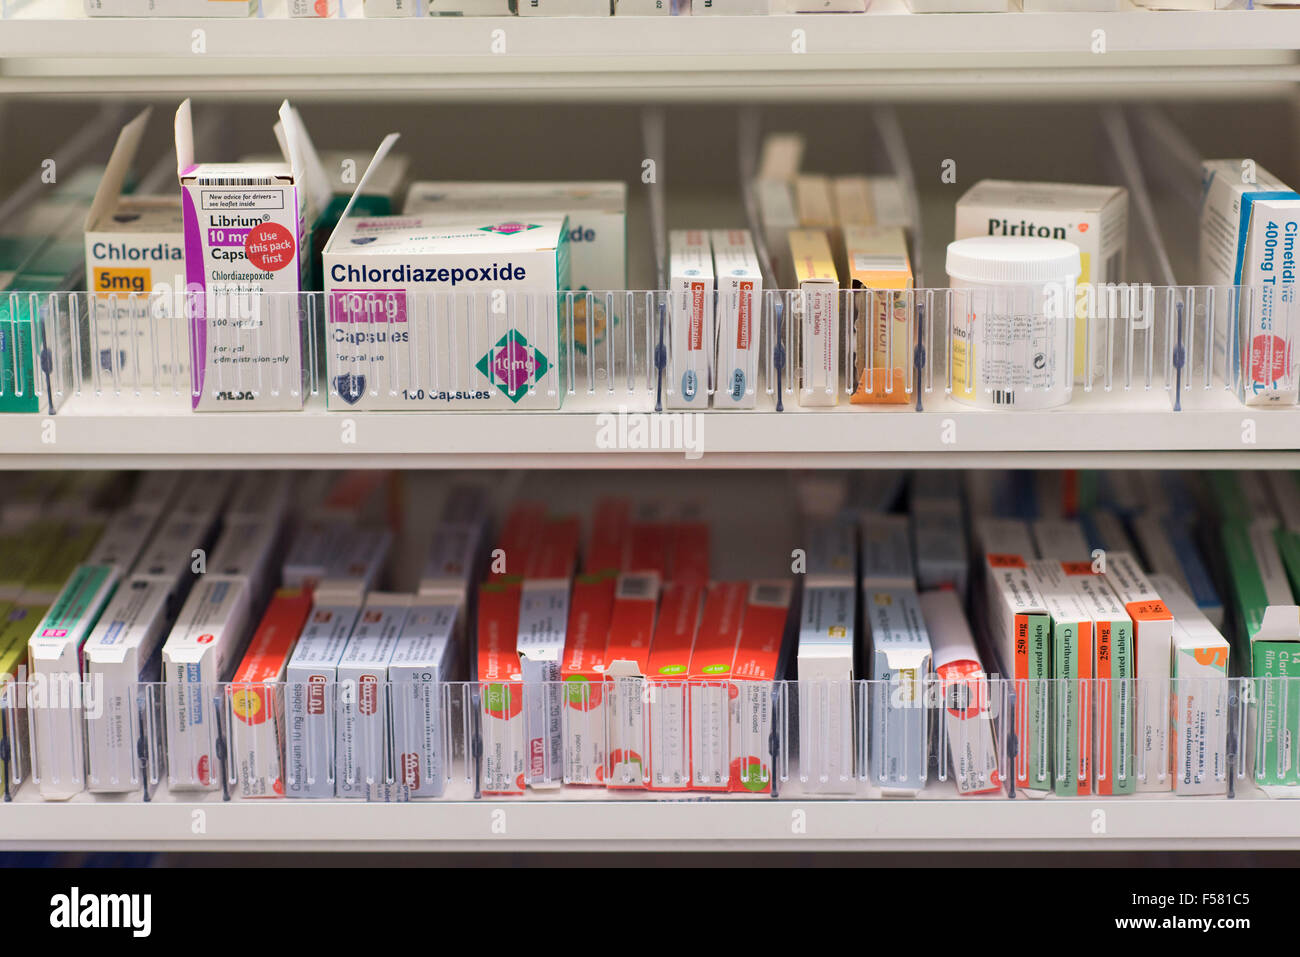 stock shelves